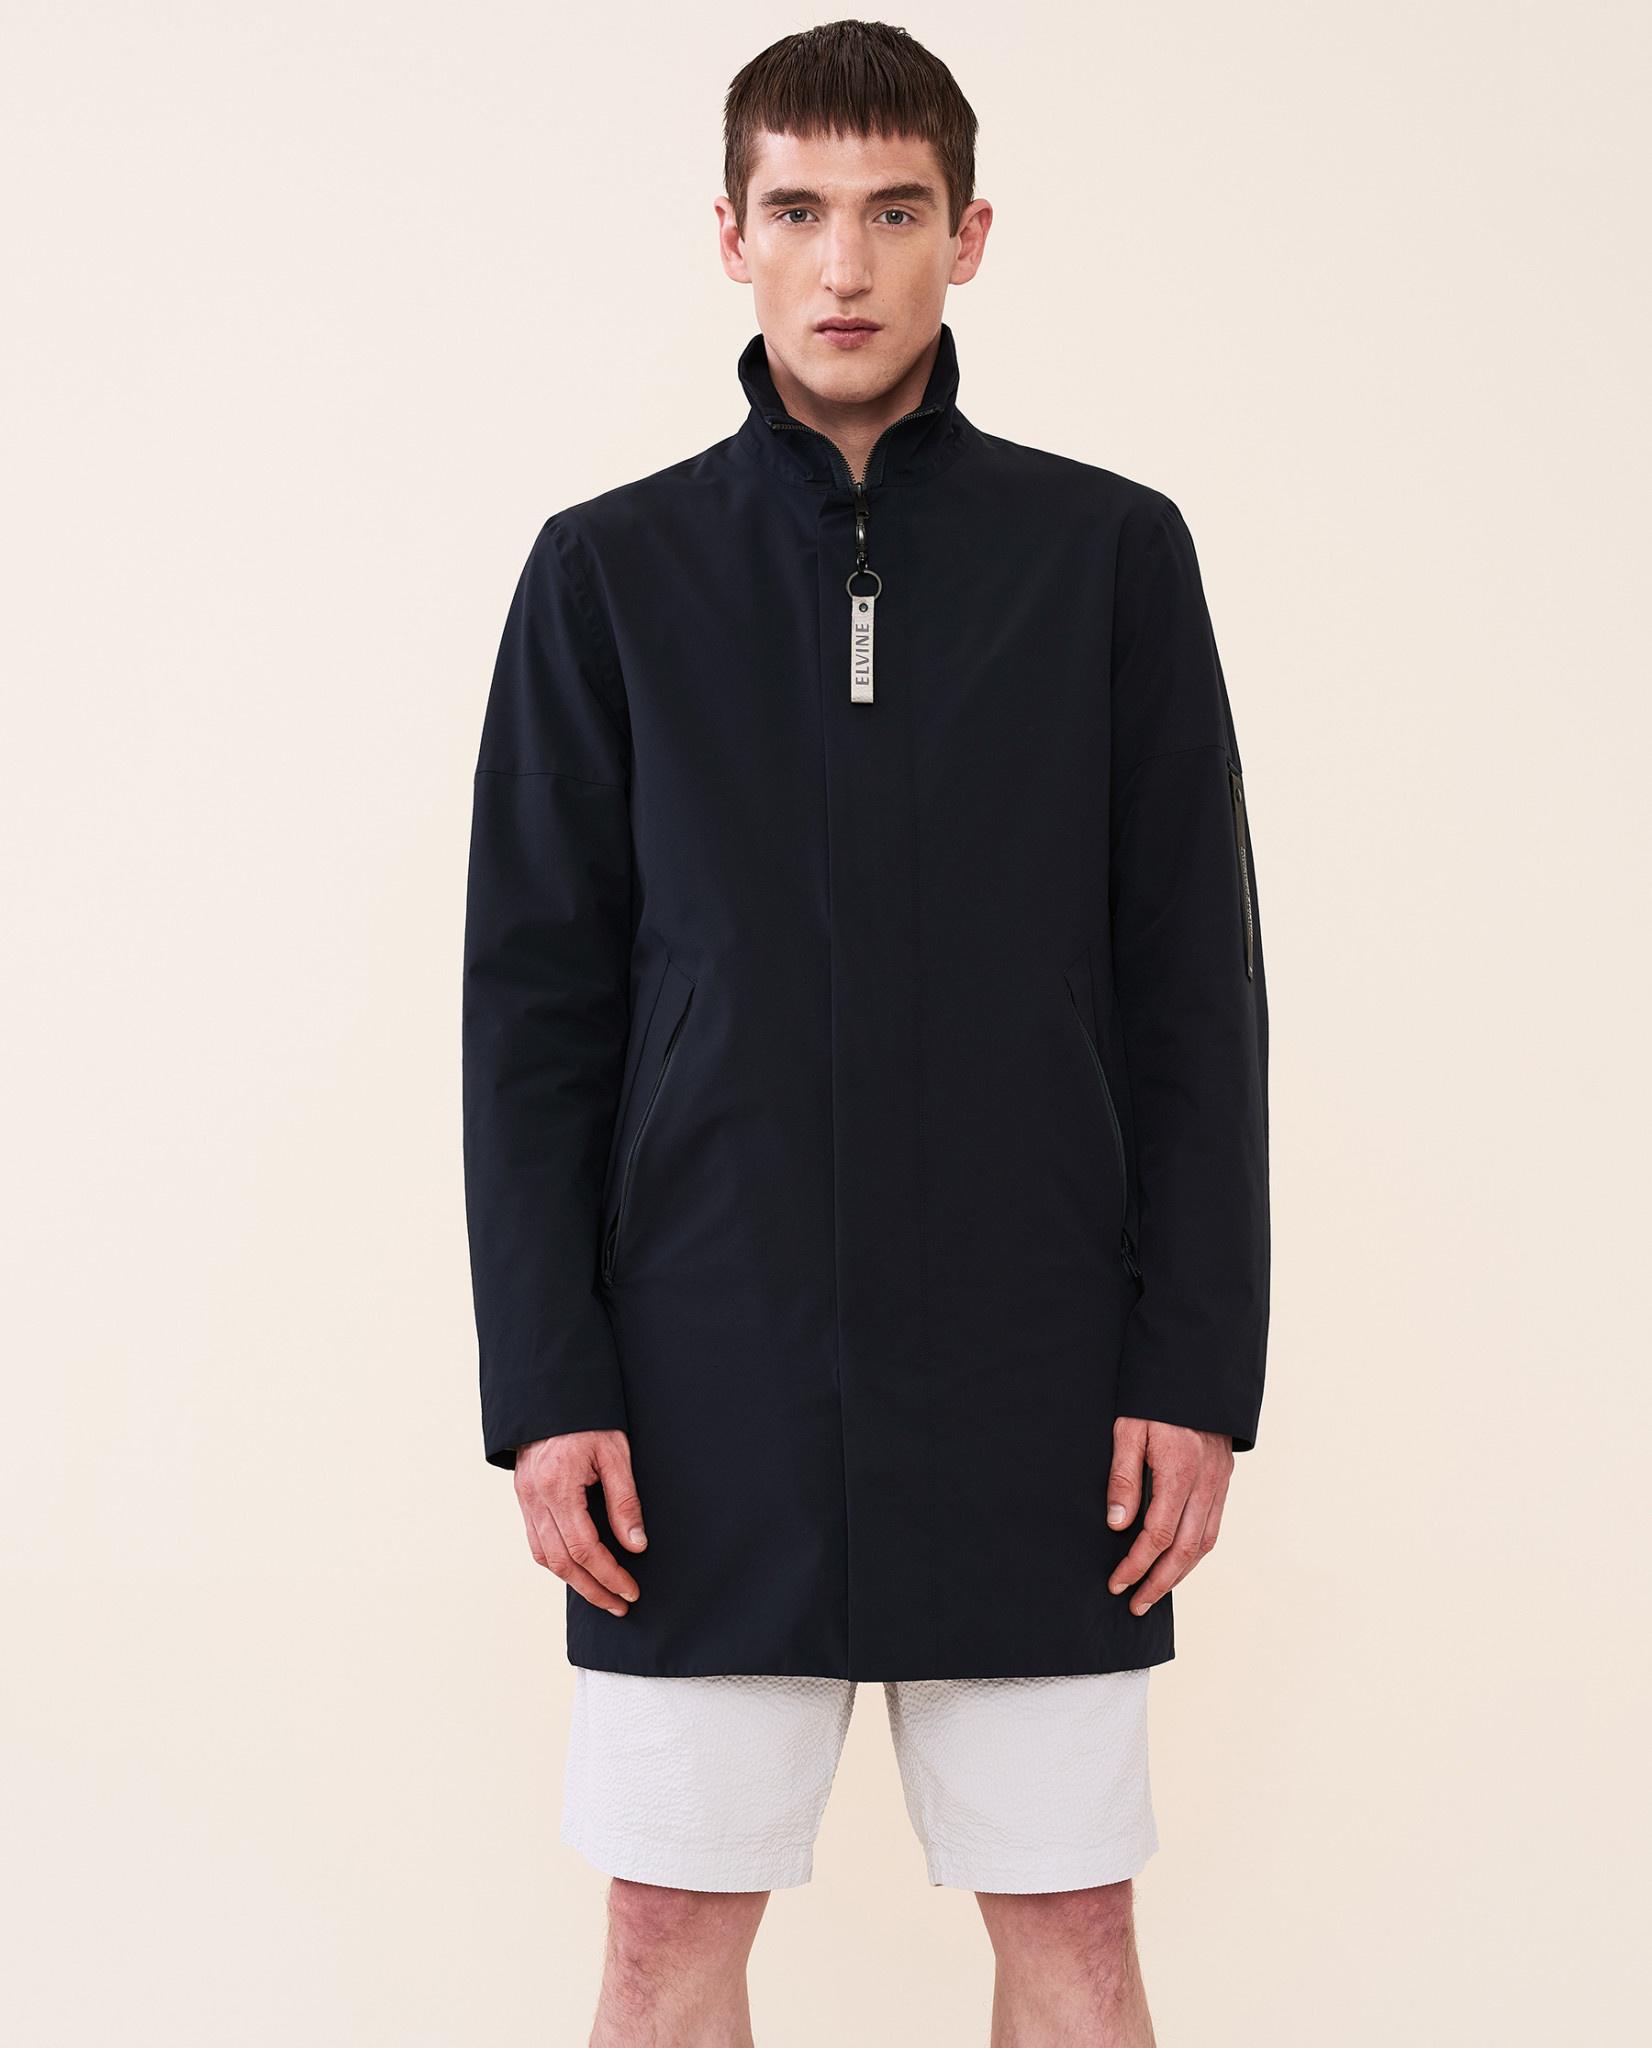 Elvine Elvine Kurtis Jacket Dark Navy